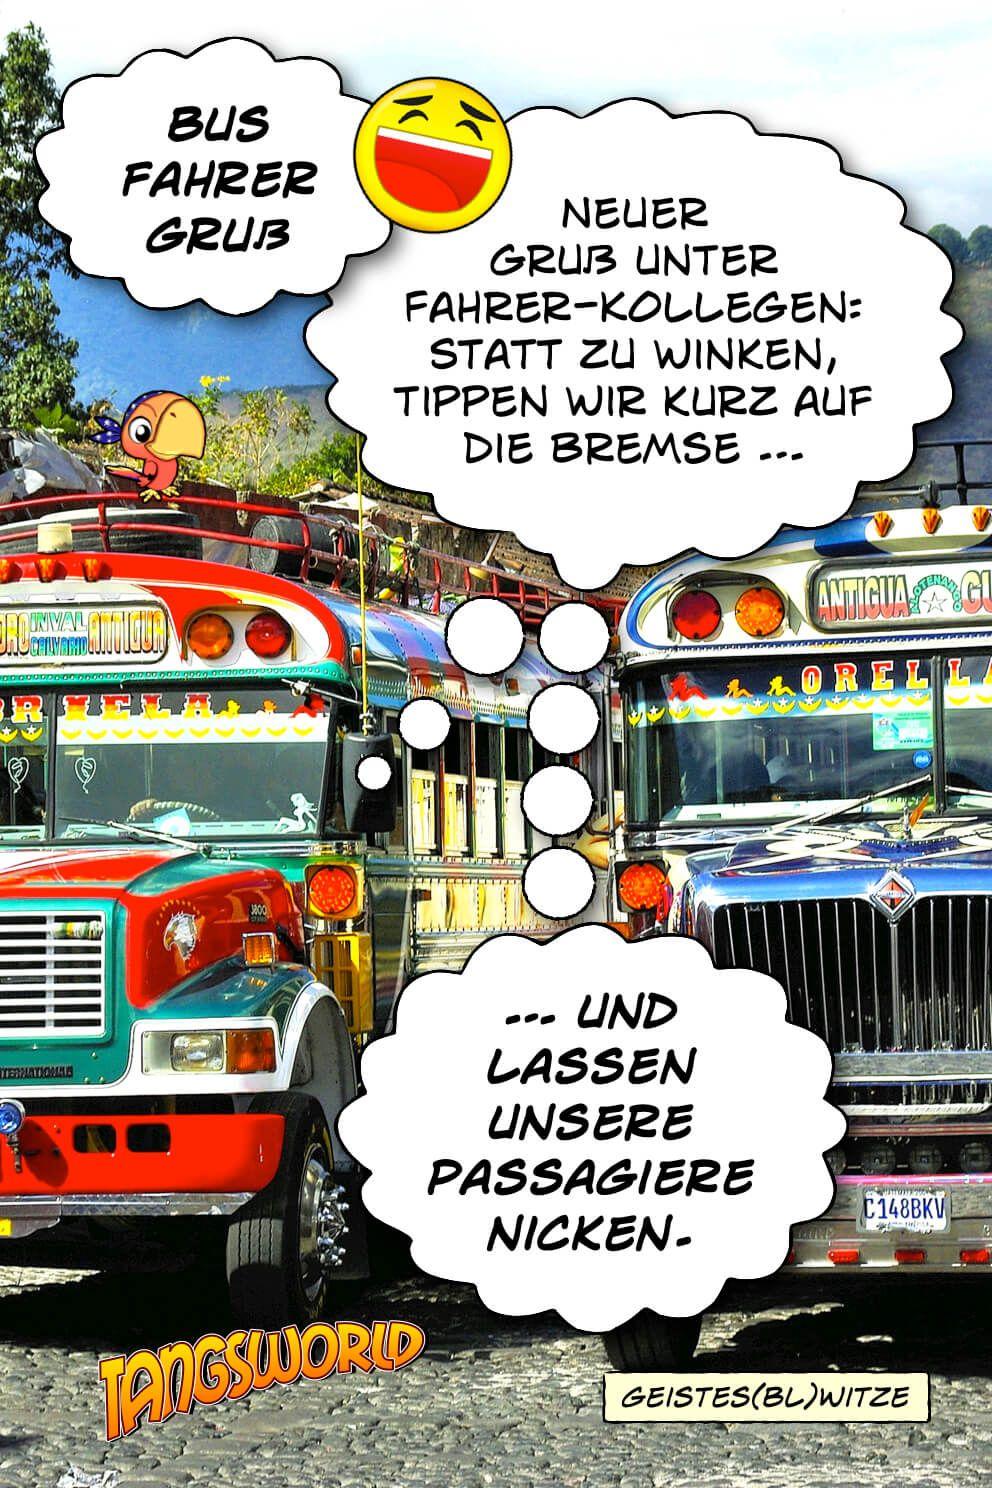 Lustige Bilder Busfahrt